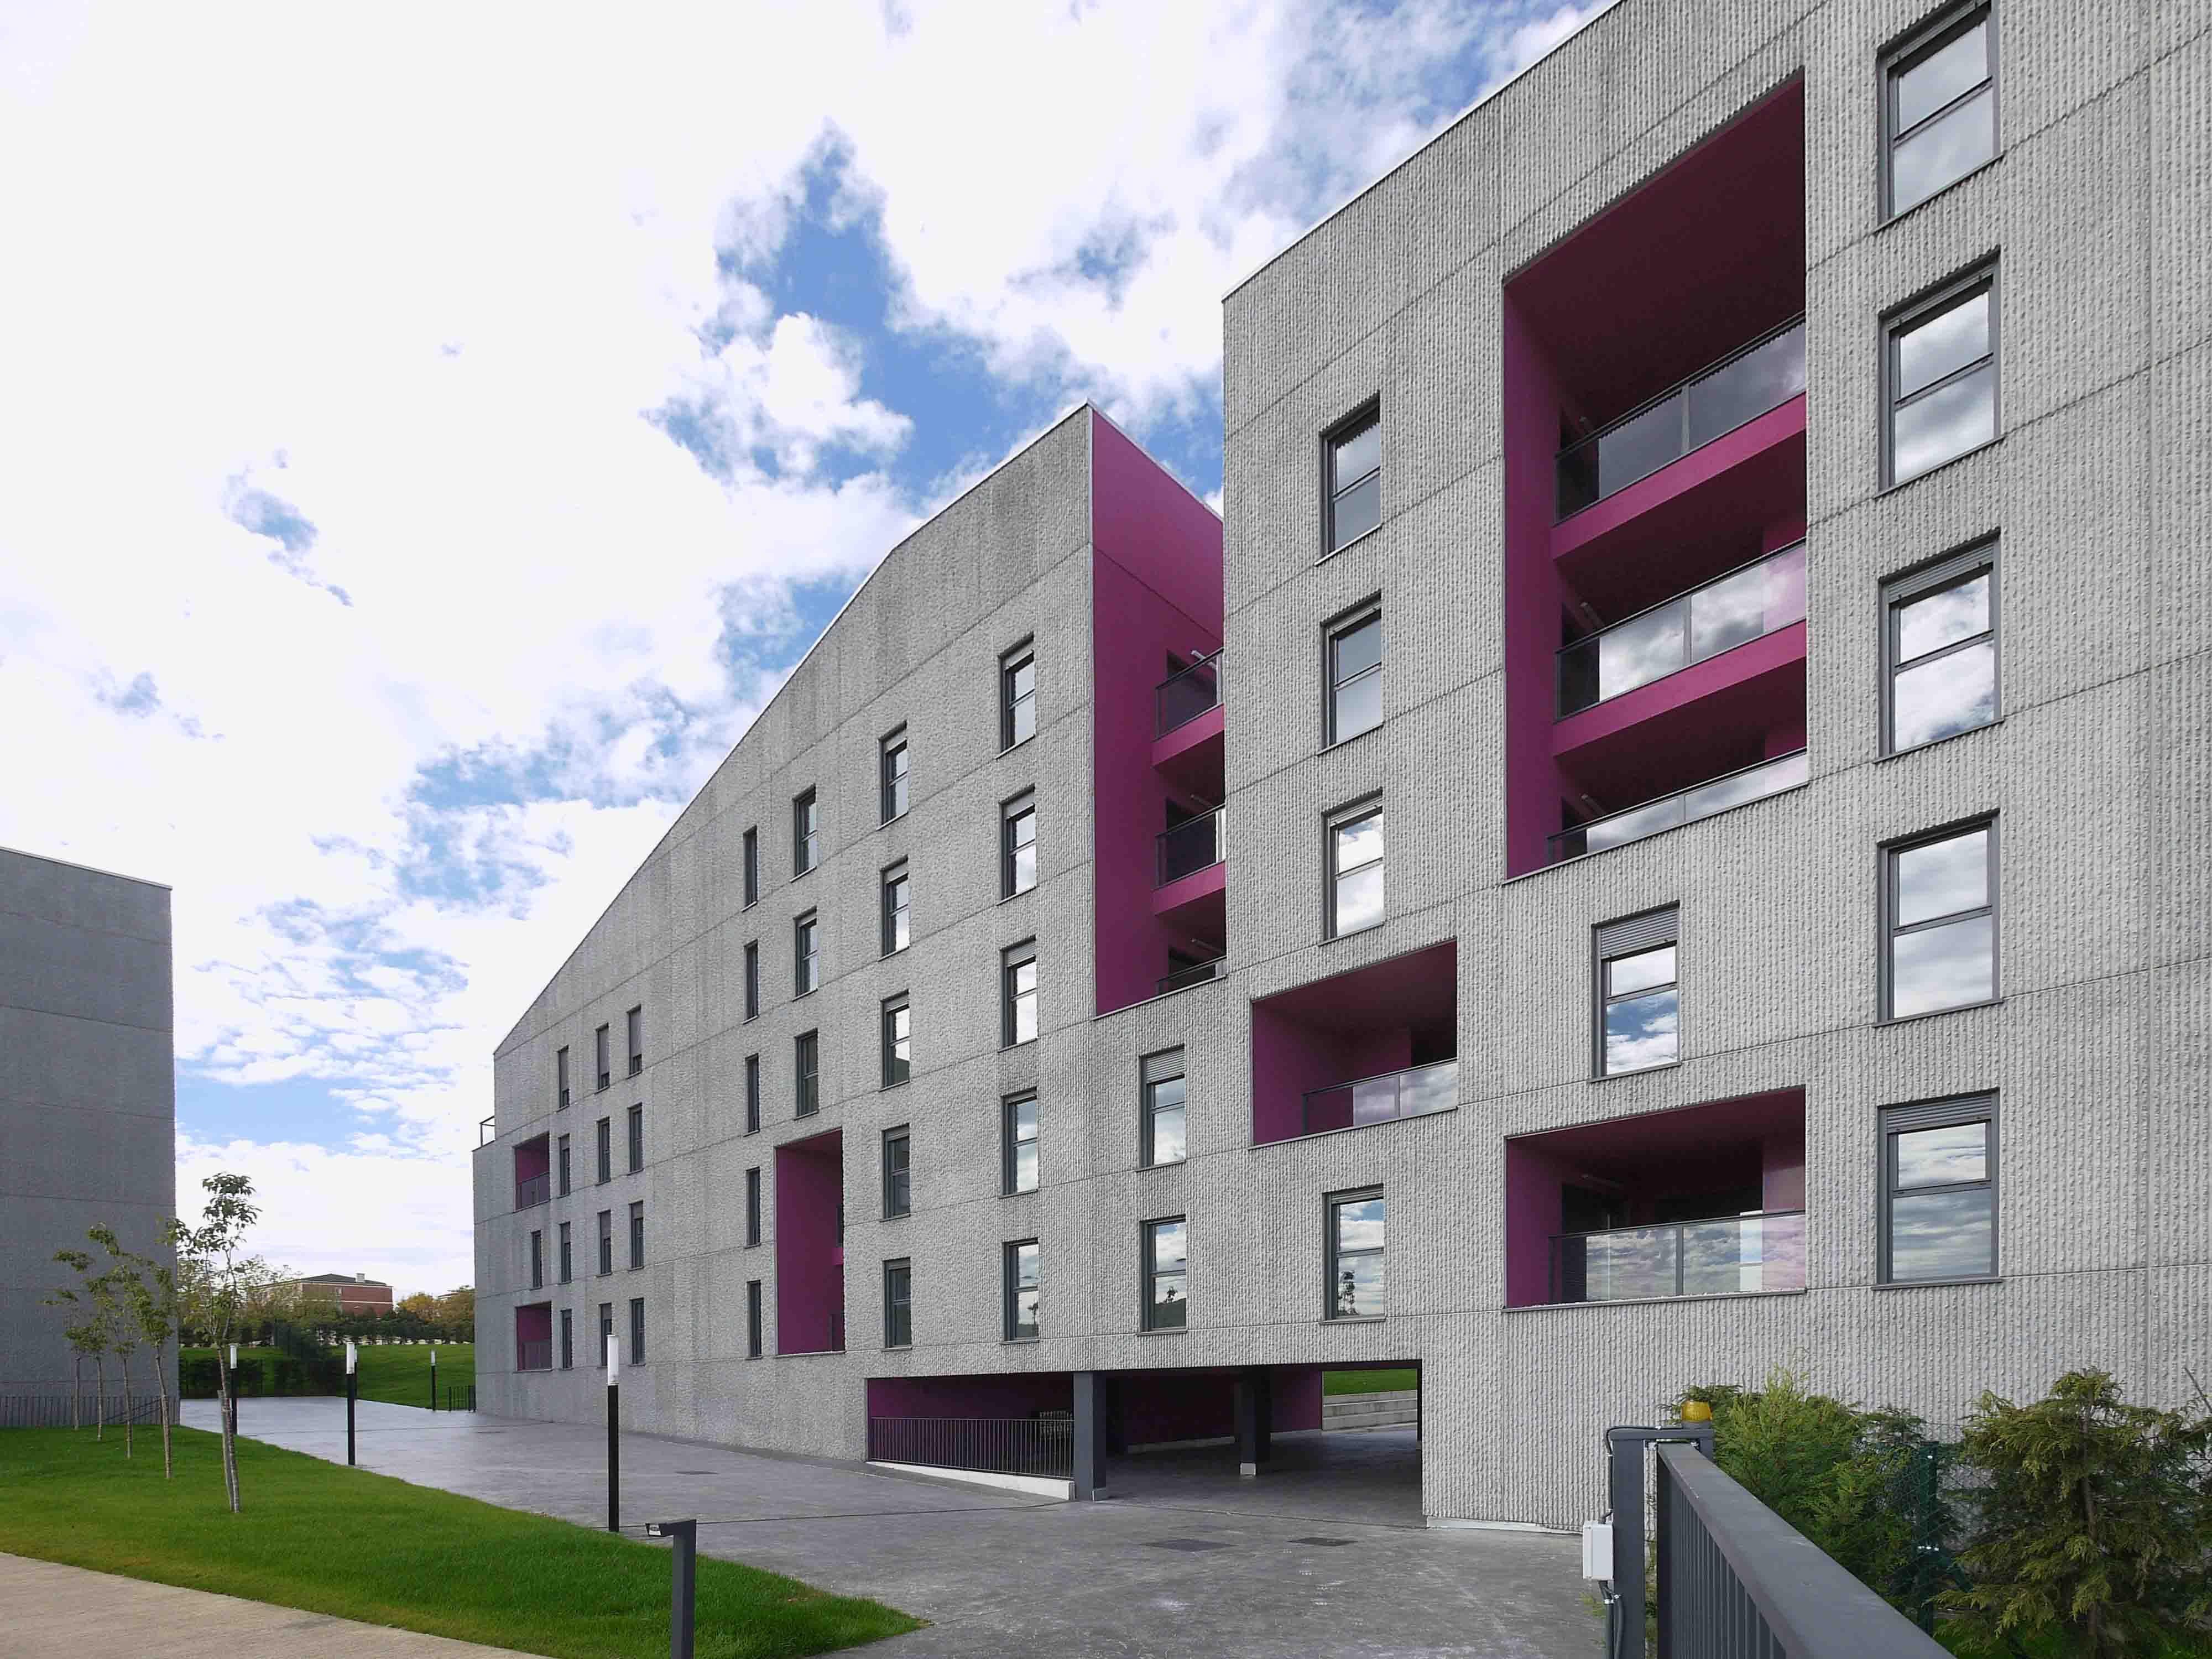 166 viviendas de protecci n oficial en vitoria gasteiz architecture pinterest protecciones - Casas proteccion oficial ...